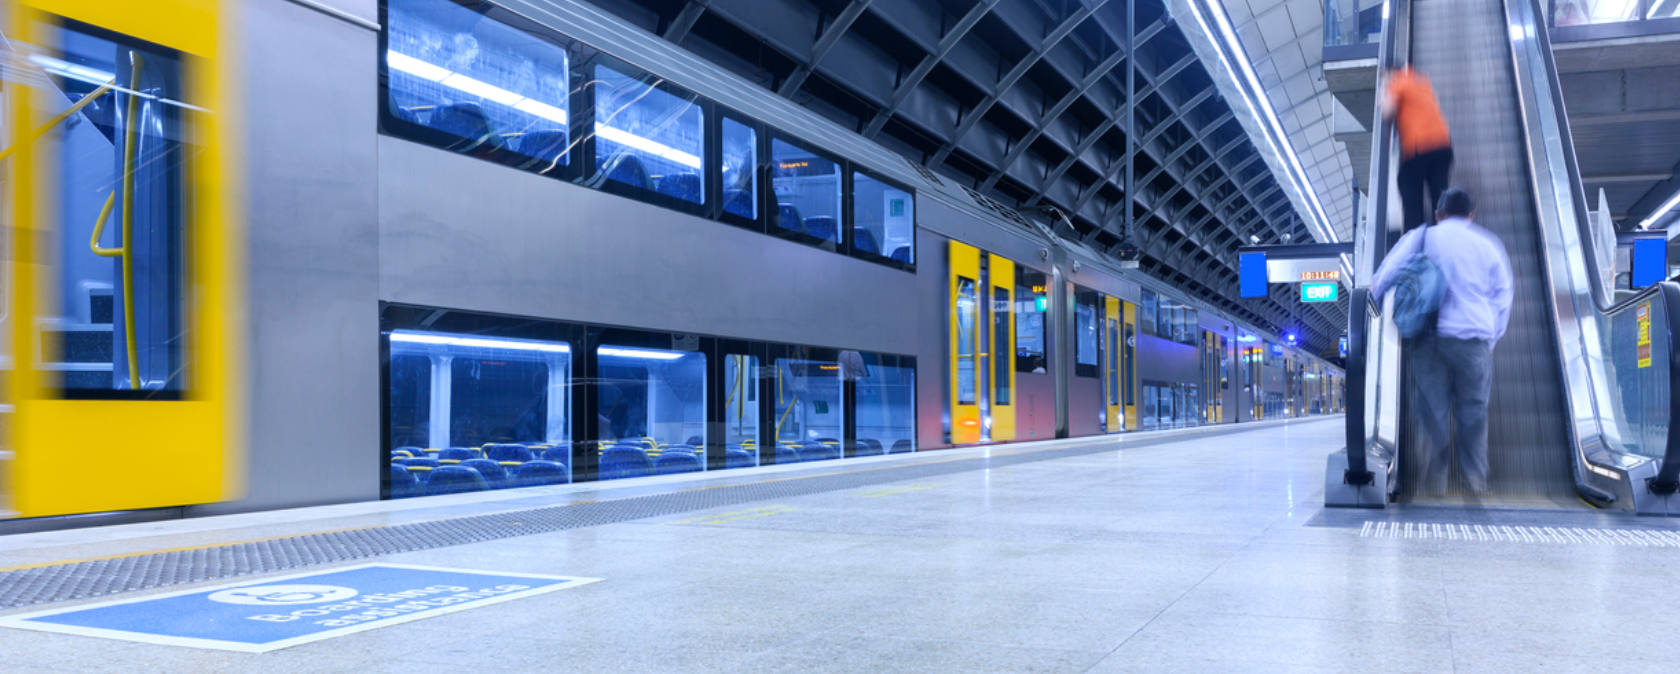 A train whizzes past a quiet train station platform